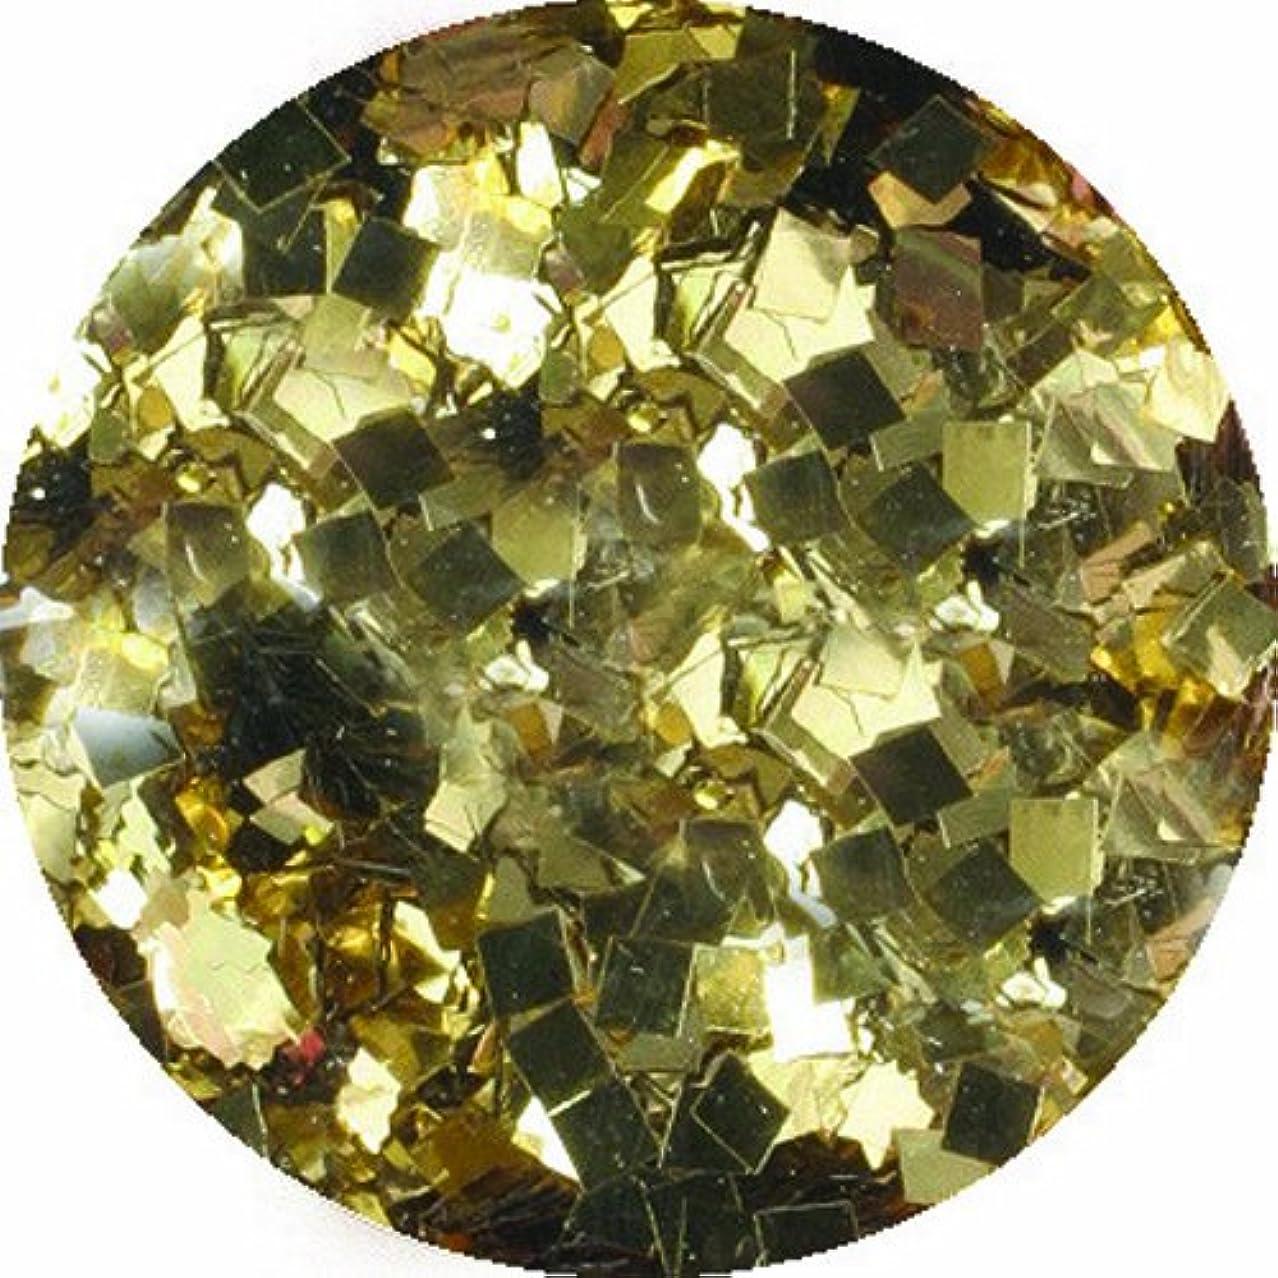 脅威論争傑出したビューティーネイラー ネイル用パウダー 黒崎えり子 ジュエリーコレクション ライトゴールド1.5mm